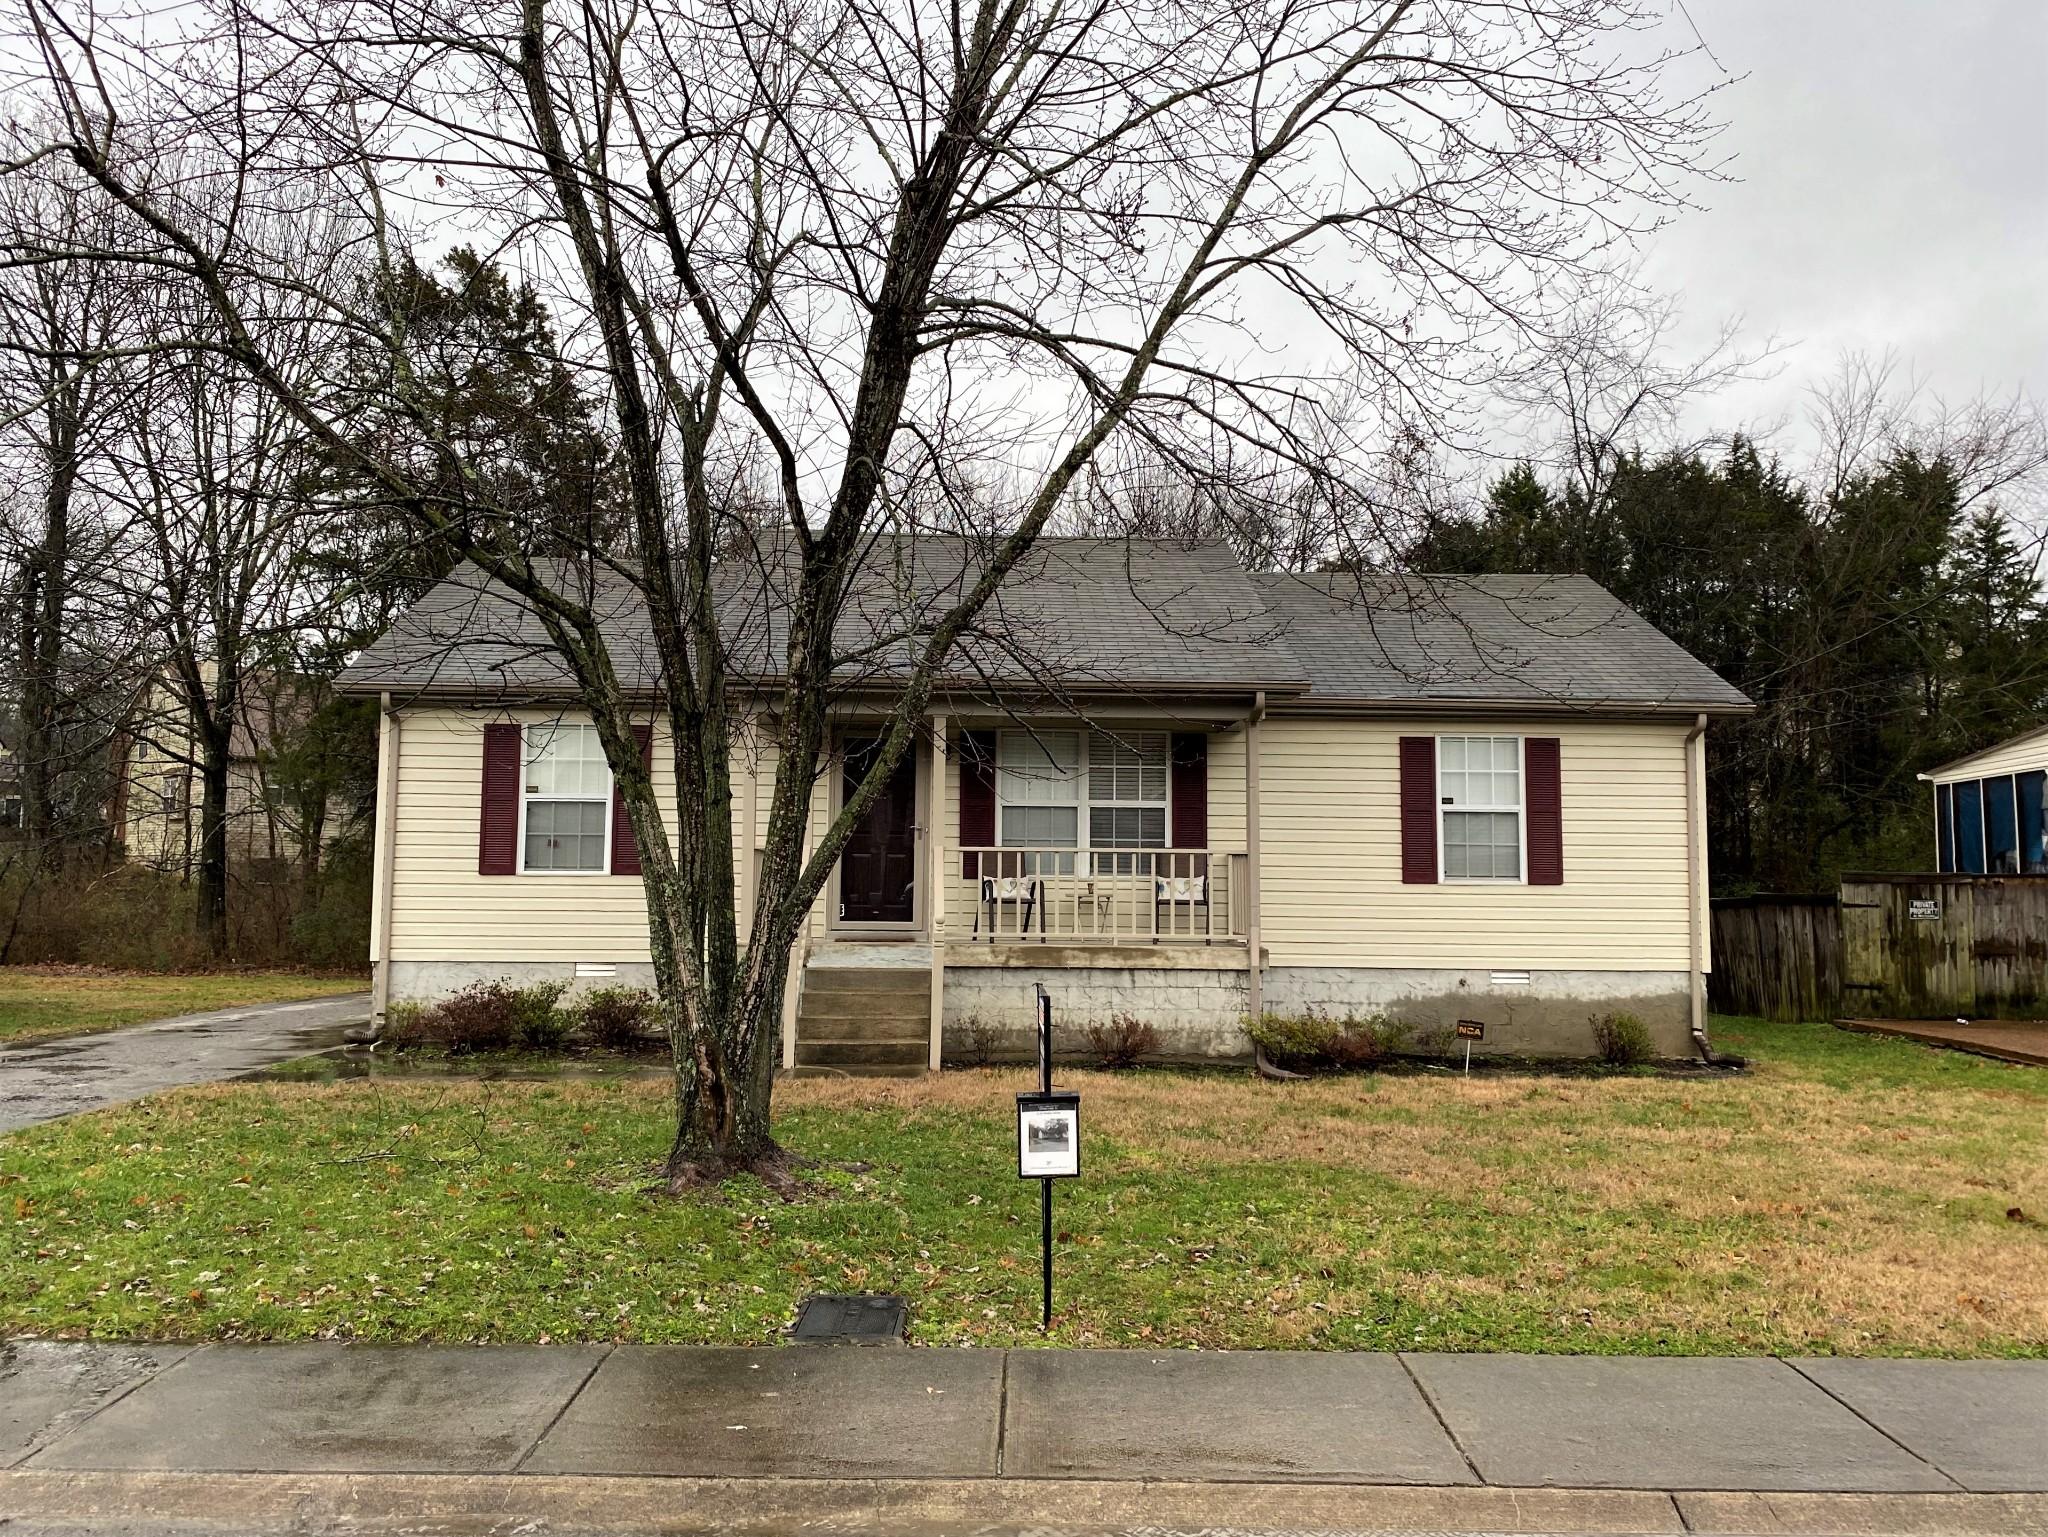 2124 Mullen Cir, Nashville, TN 37217 - Nashville, TN real estate listing